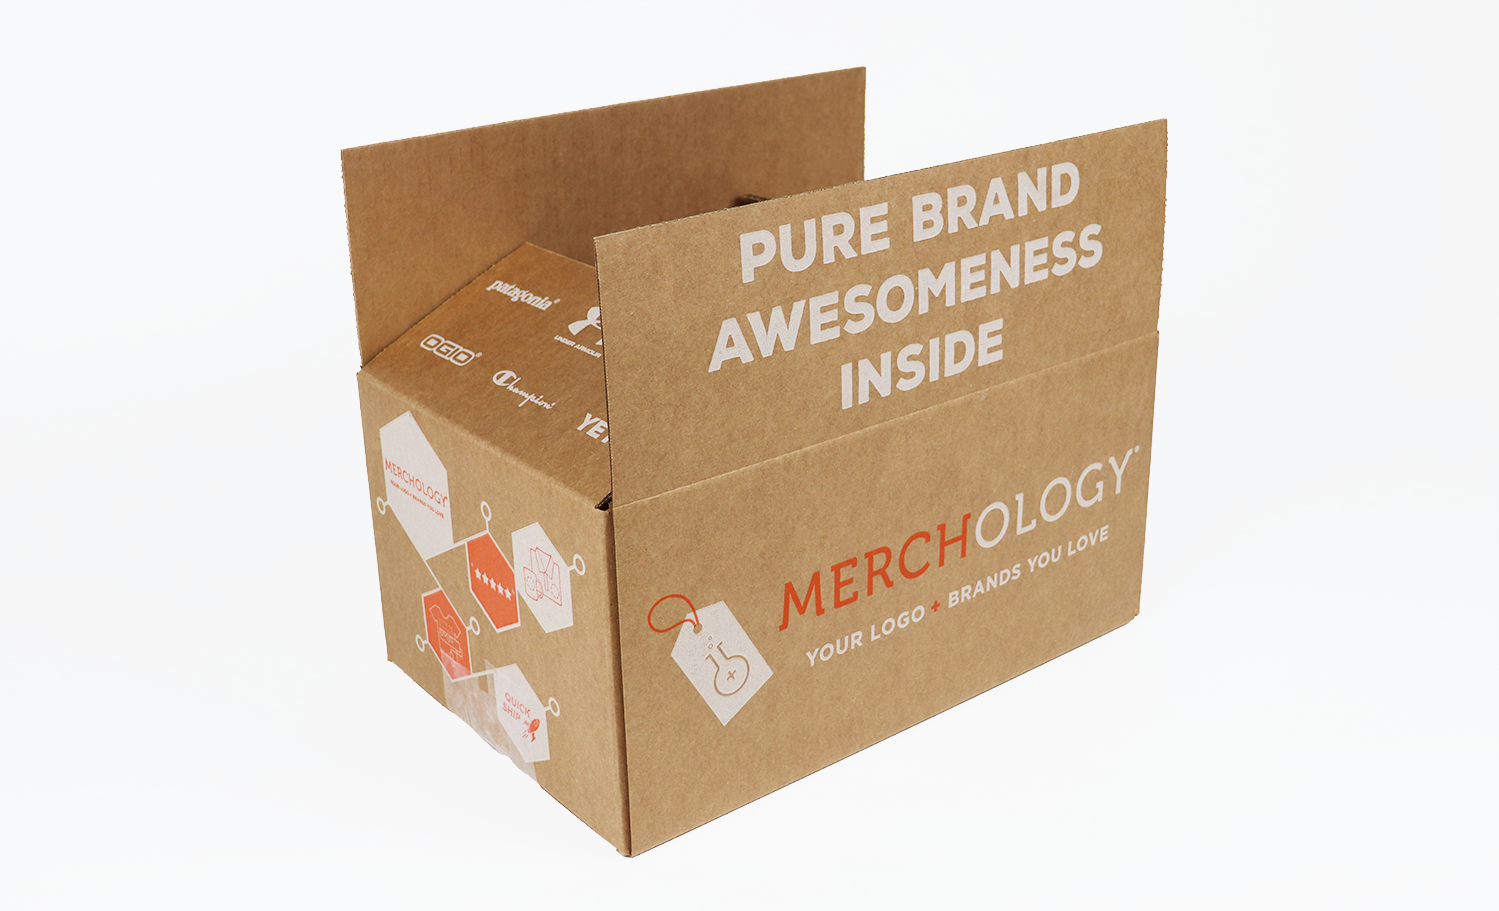 Mercholgy Custom Shipping Box 02